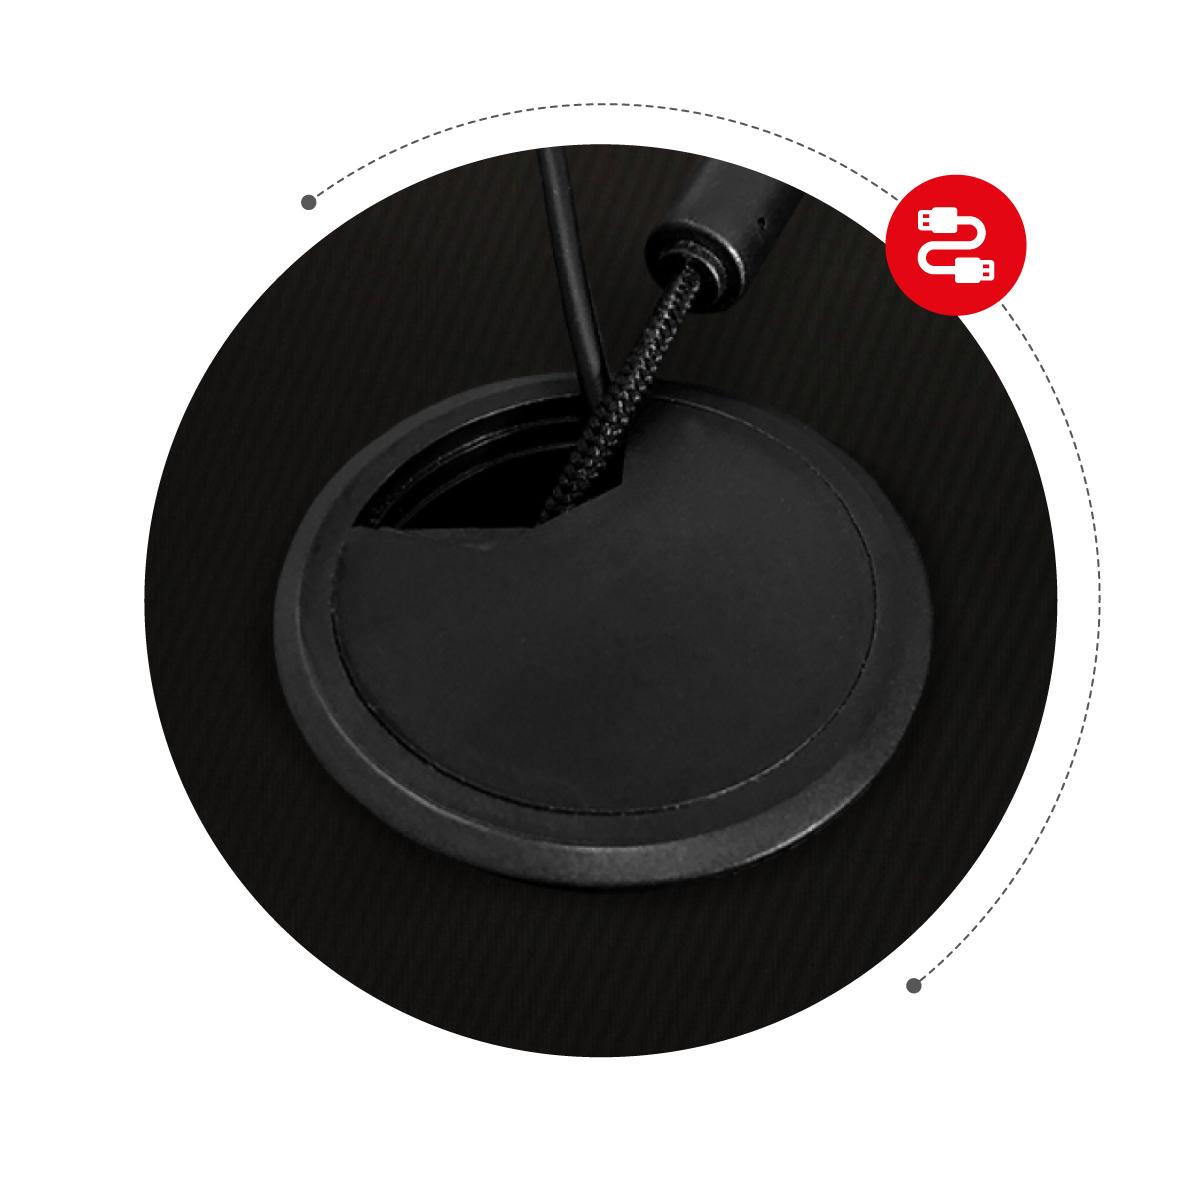 Huzaro Force 3.0 fekete játékfotel